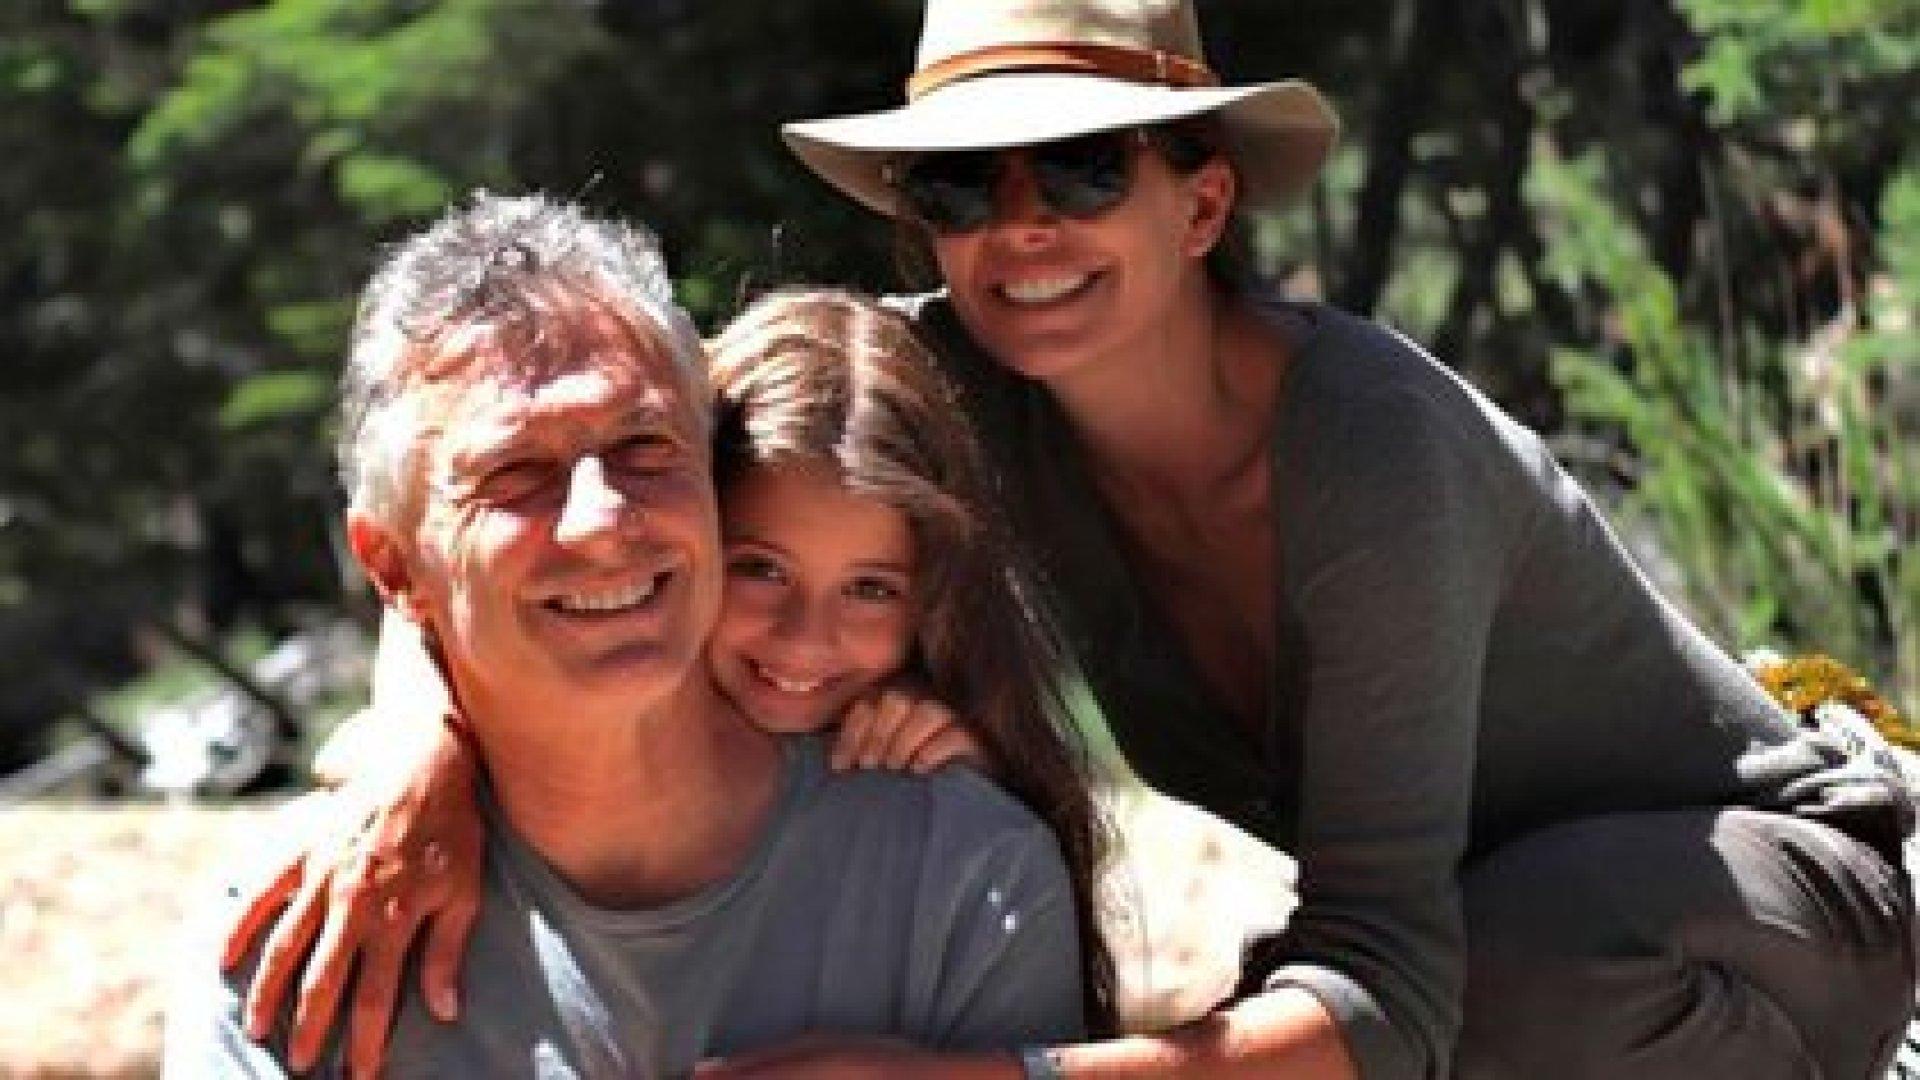 El ex presidente junto a su hija Antonia y su esposa Juliana Awada en los últimos días de vacaciones en el Sur